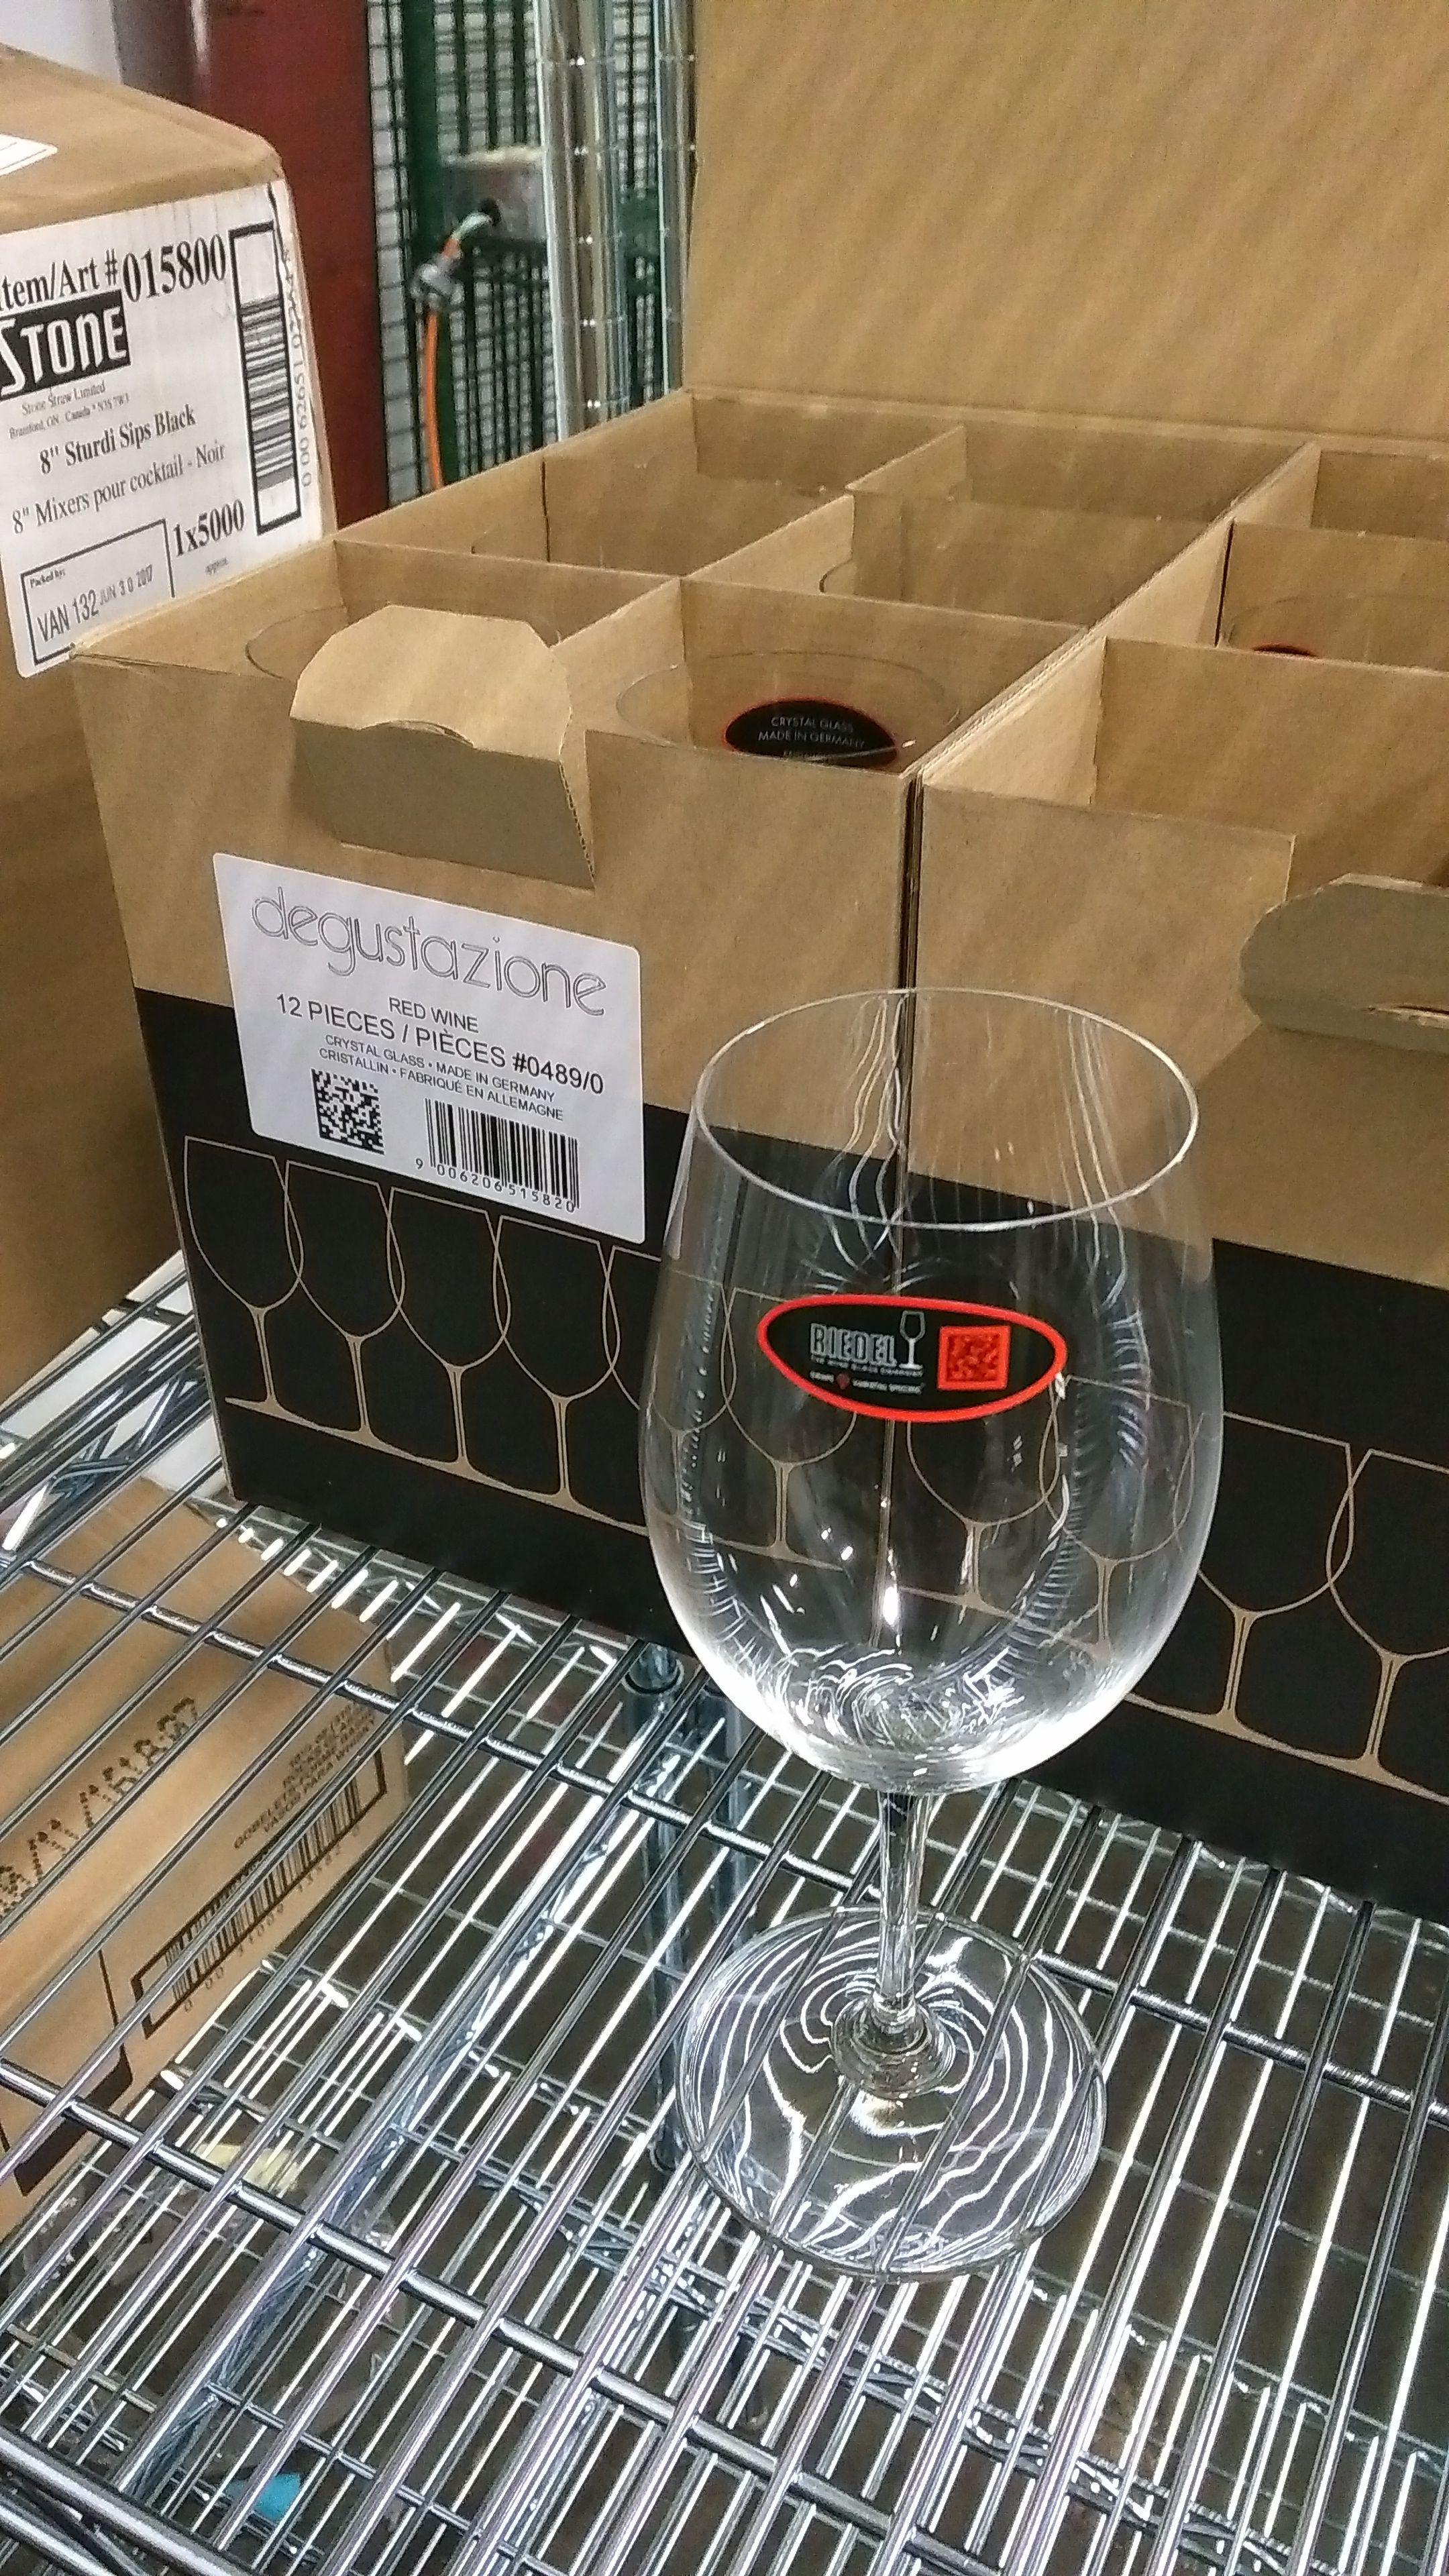 Lot 32 - Riedel 19.75oz Degustazione Red Wine Glasses - Lot of 12